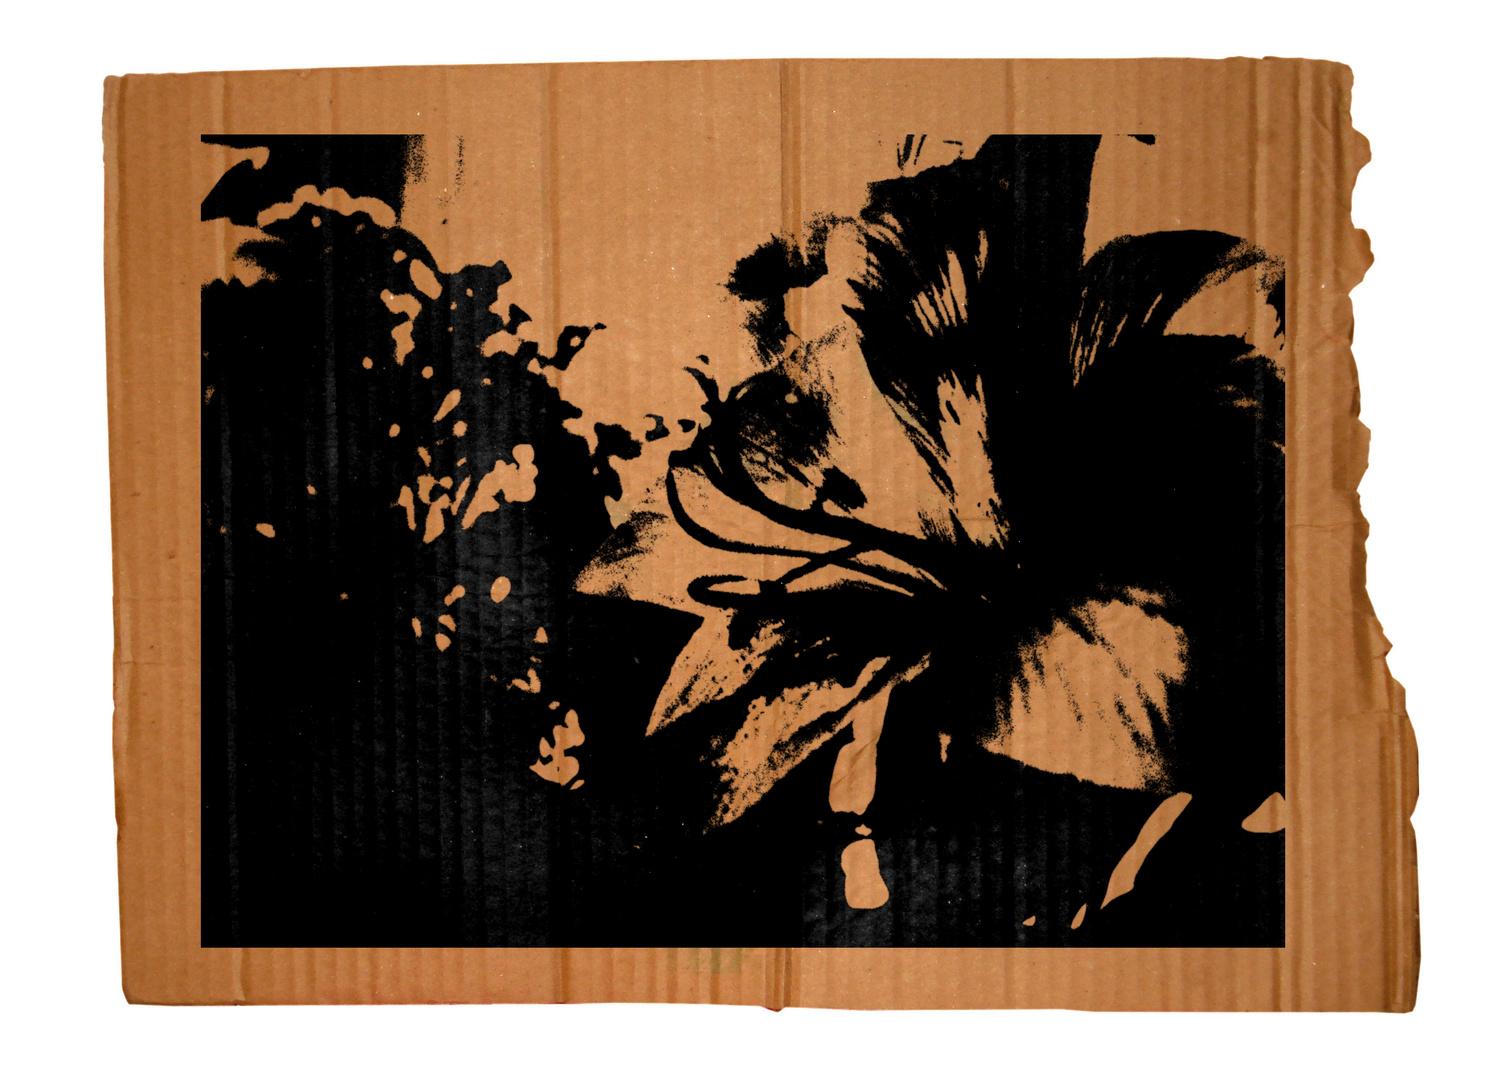 Cardboard Series #2